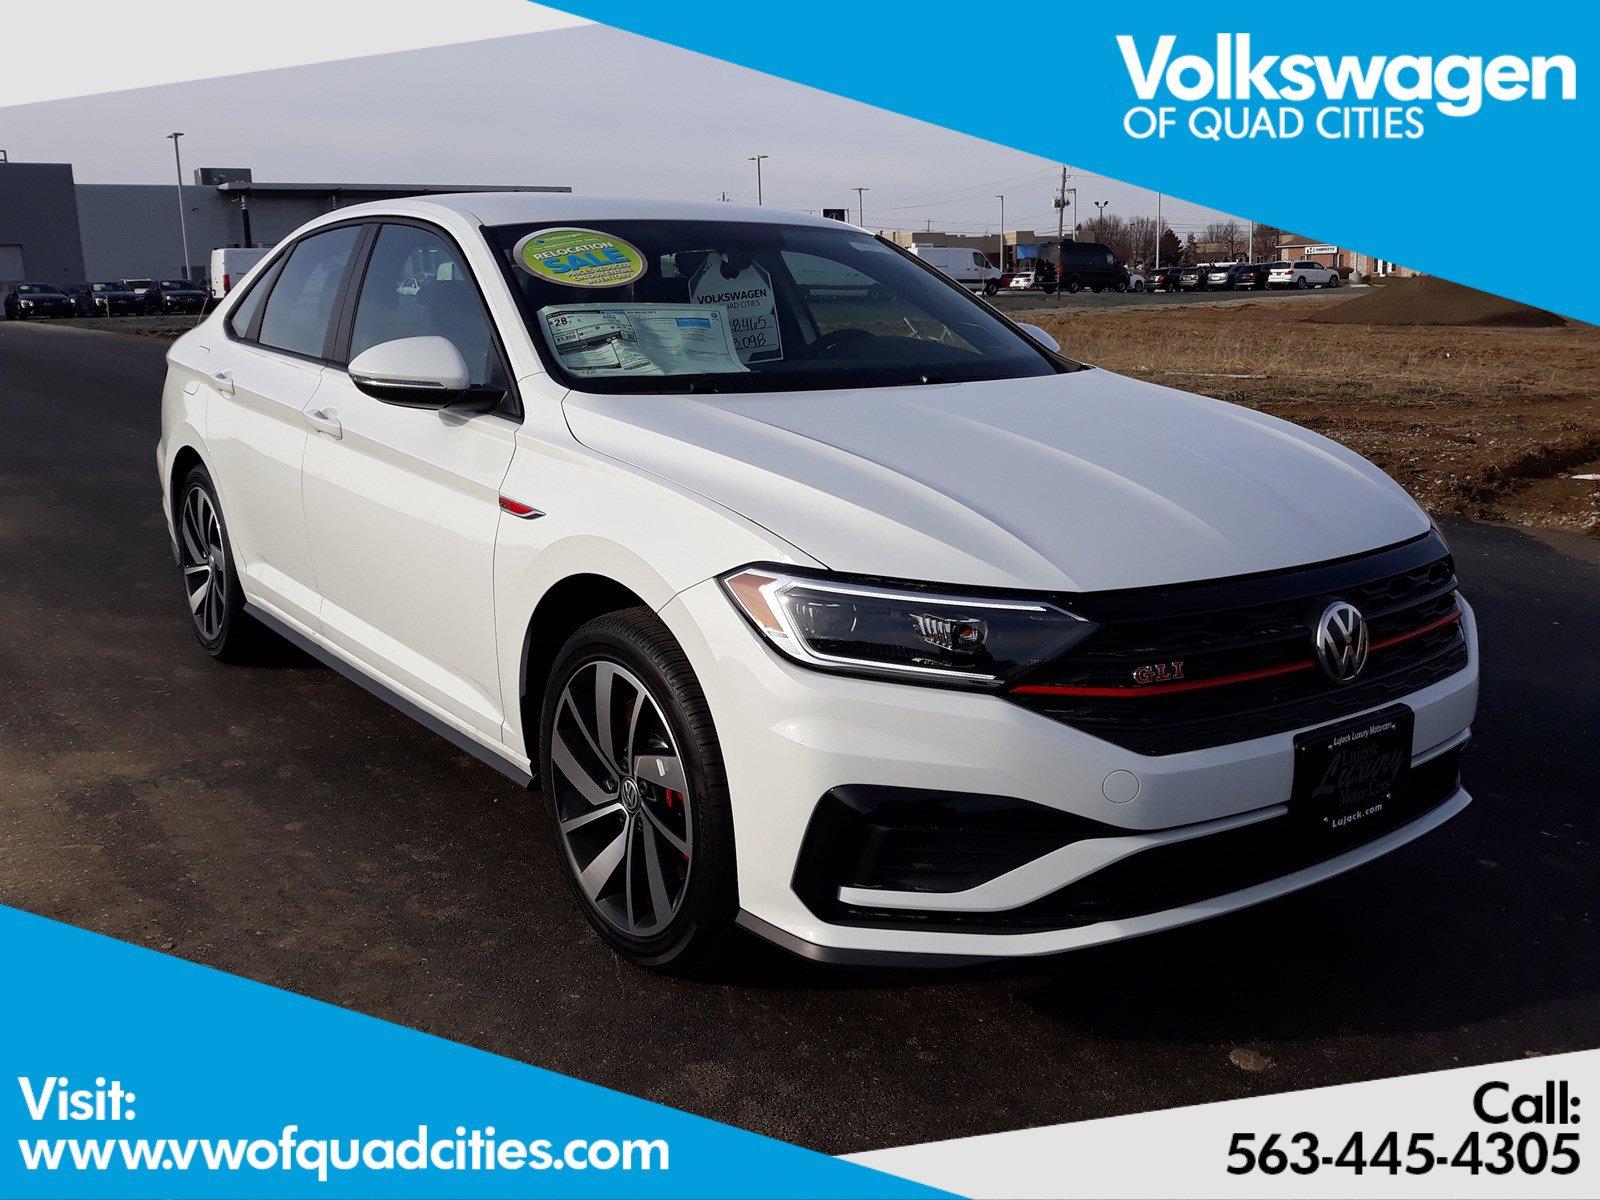 New 2019 Volkswagen Jetta GLI 35th Anniversary Edition